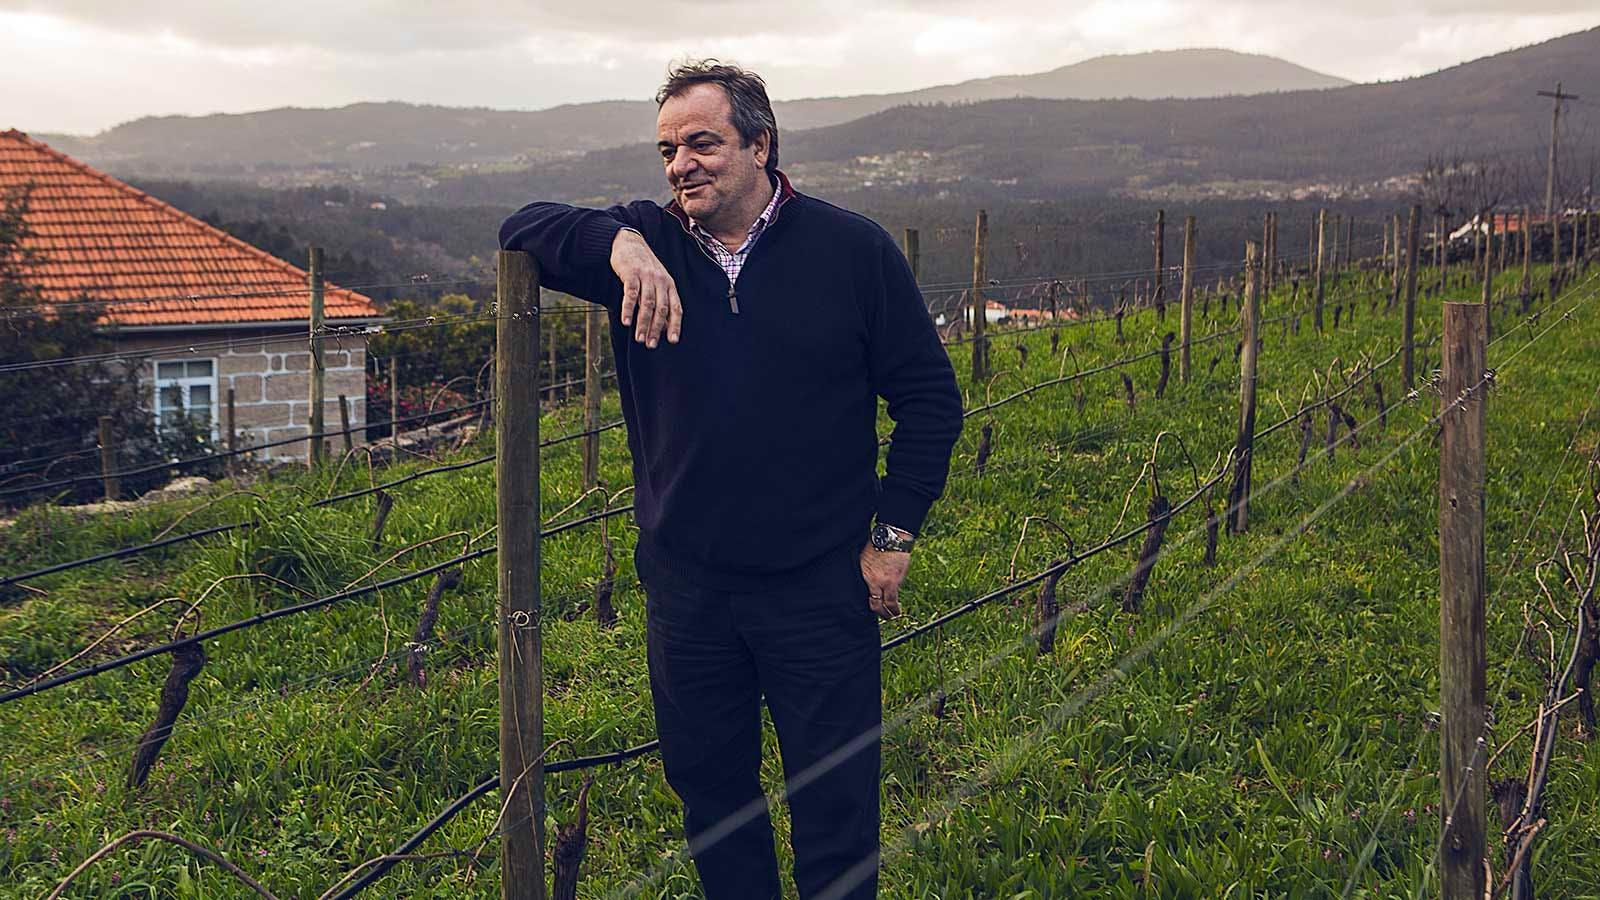 Portuguese Wine Company Esporão Looks to Vinho Verde, Buying Quinta do Ameal